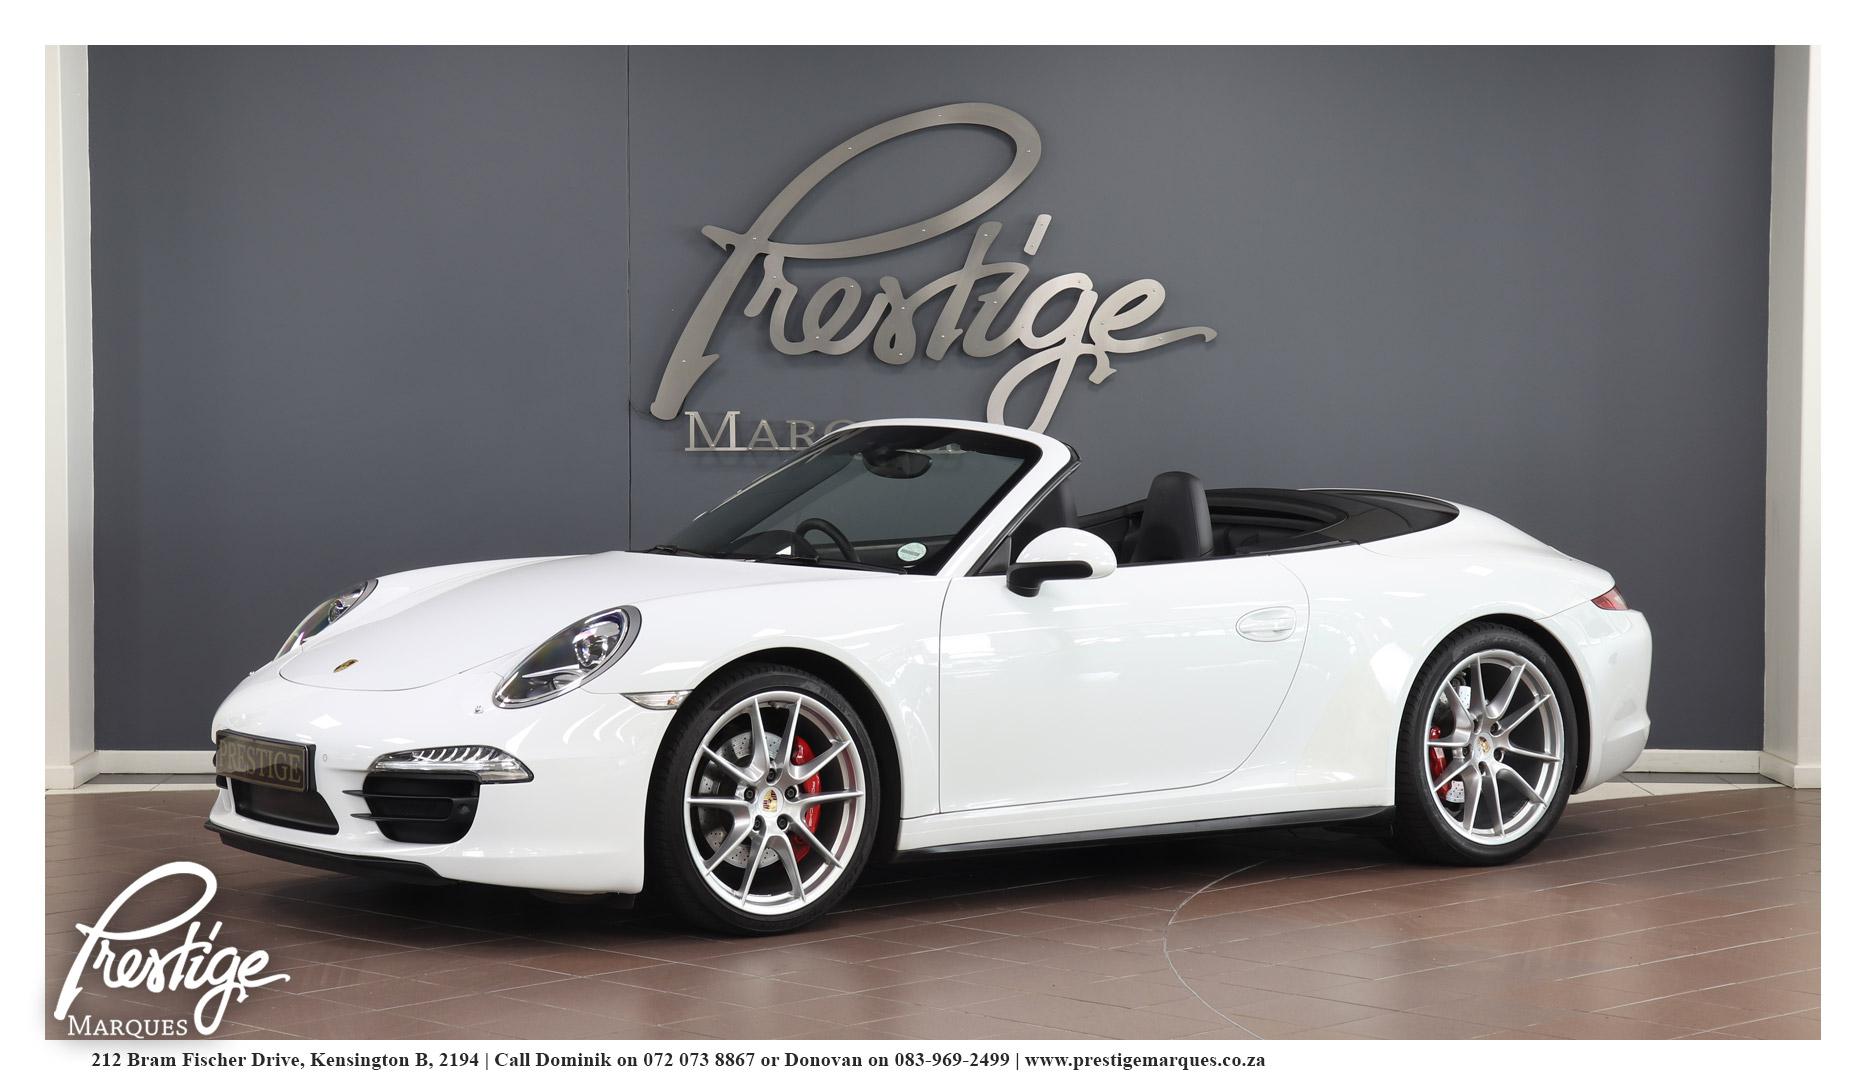 2013-Porsche-911-991-Carrera-4s-PDK-Cabriolet-Prestige-Marques-Randburg-Sandton-14